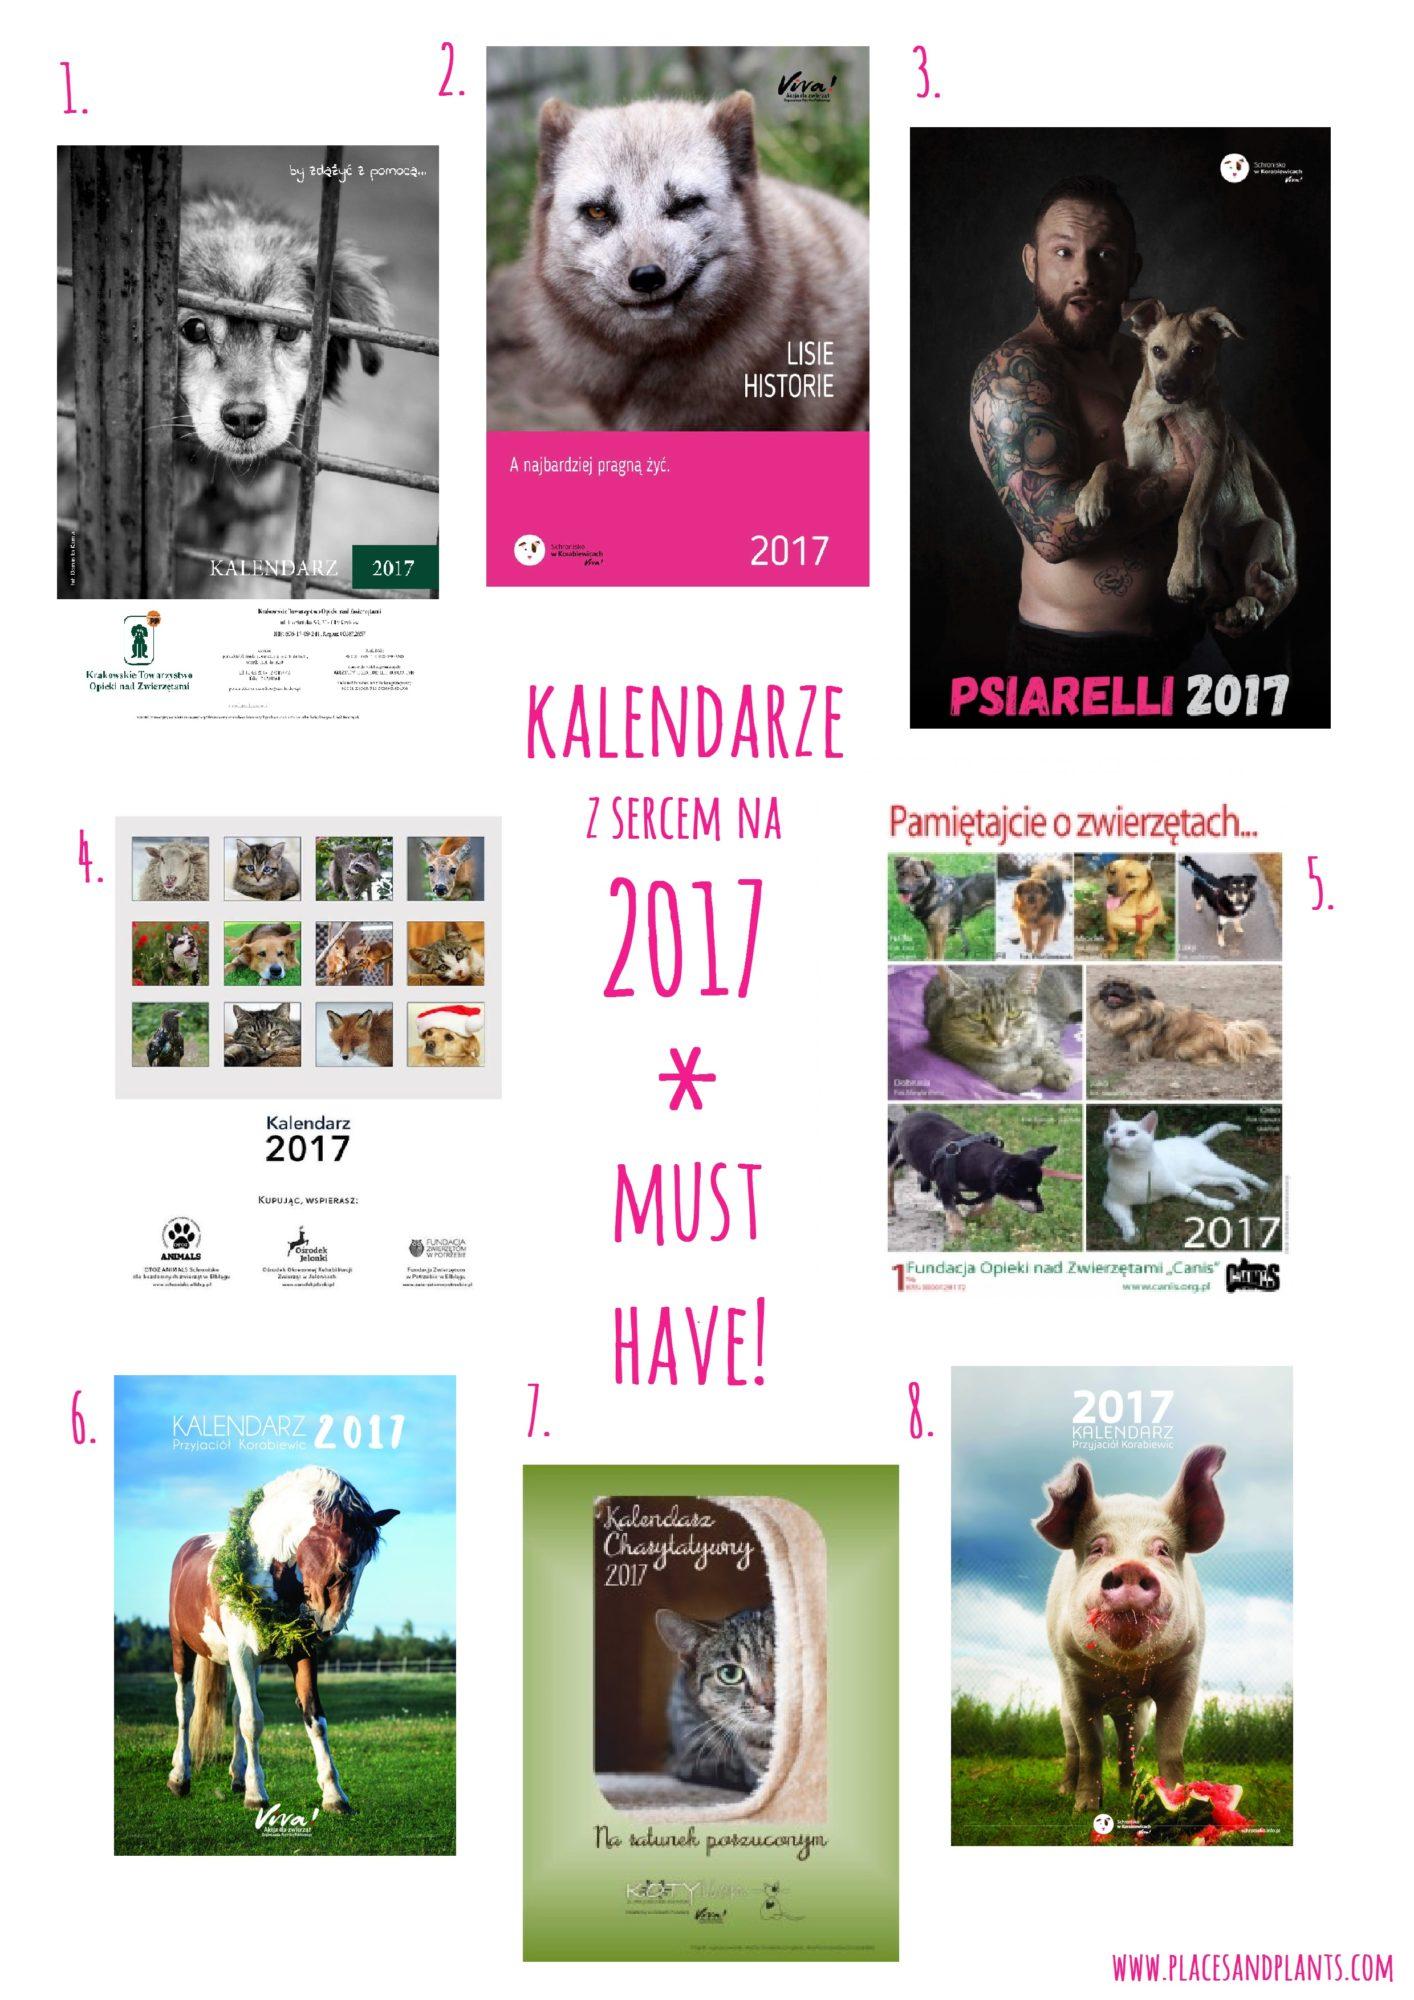 Kalendarz charytatywny na 2017